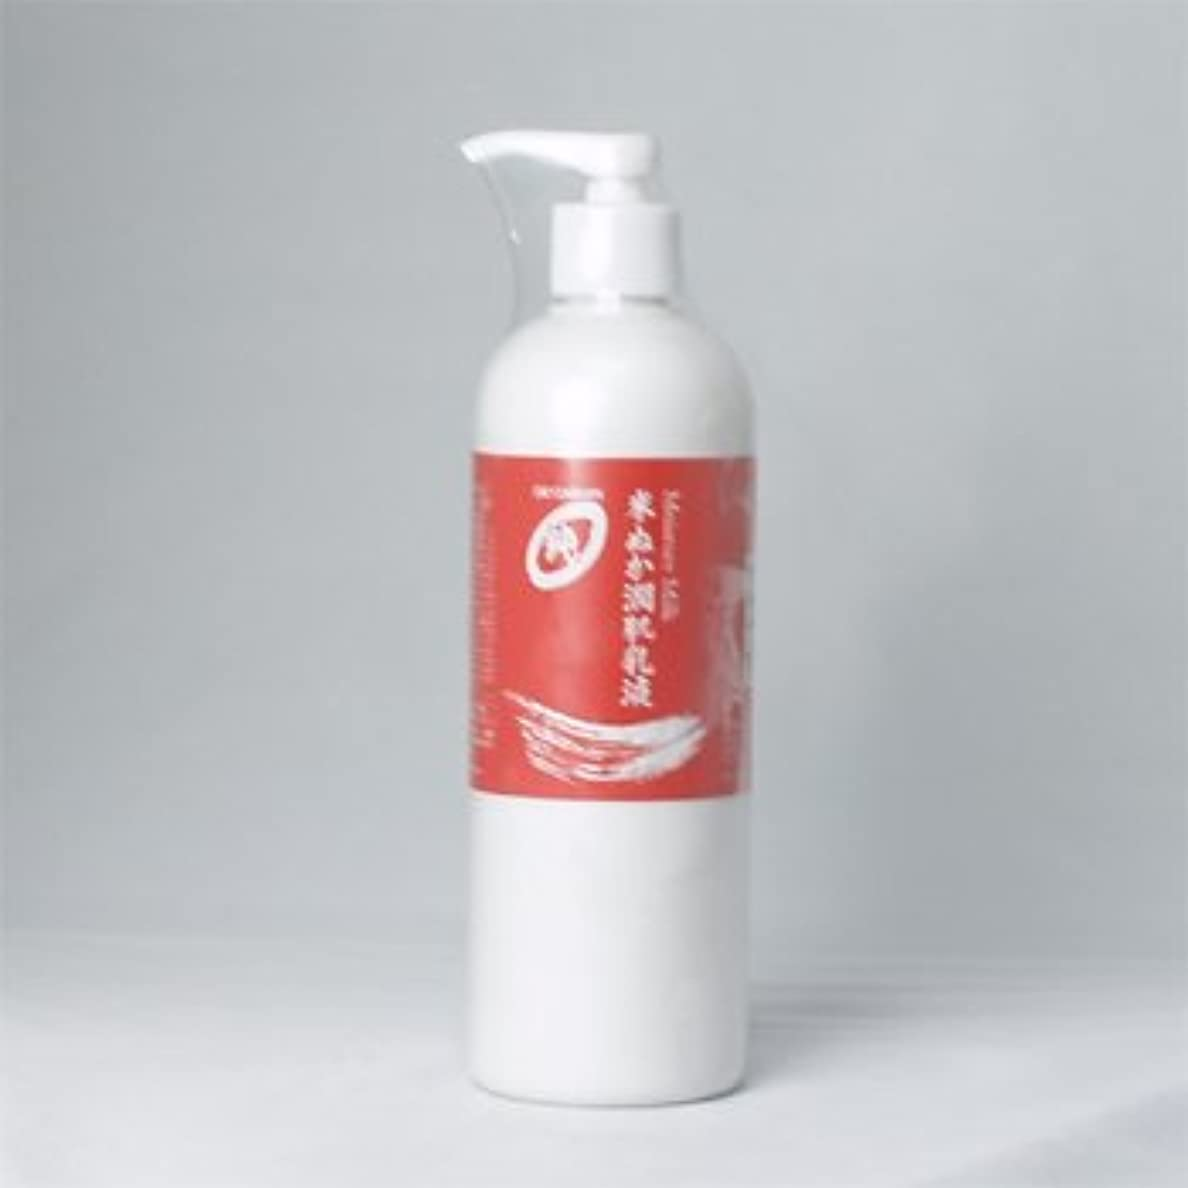 不毛まもなく関係するオリザ ジュン モイスチャーミルク 米ぬか潤肌乳液 400mlポンプ